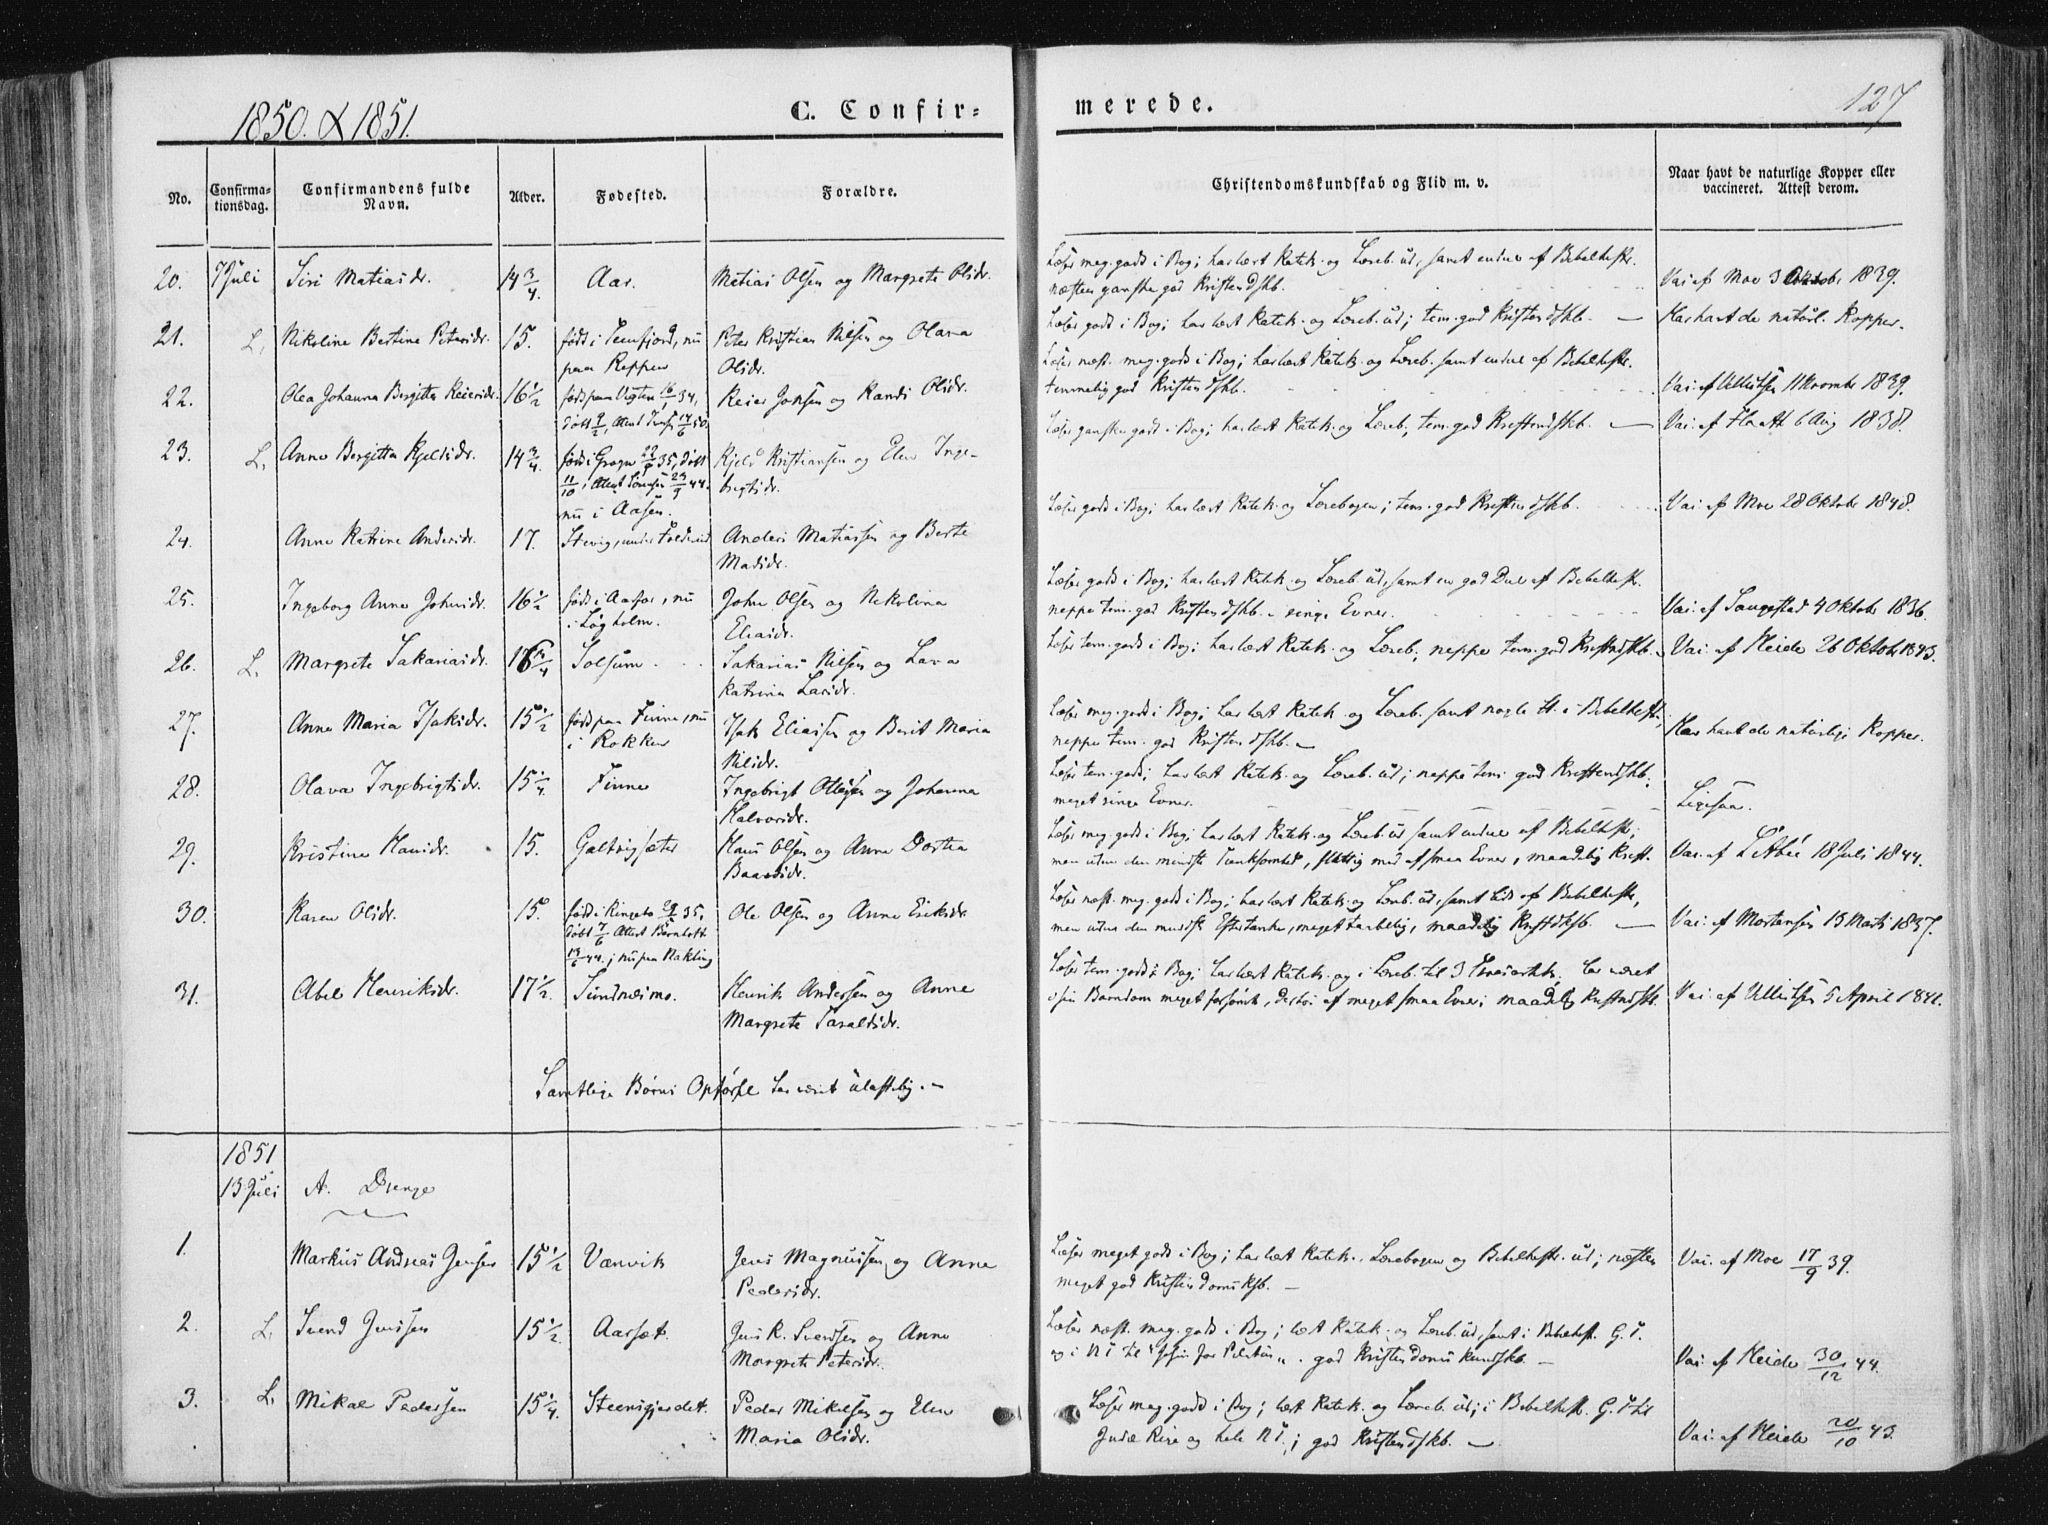 SAT, Ministerialprotokoller, klokkerbøker og fødselsregistre - Nord-Trøndelag, 780/L0640: Ministerialbok nr. 780A05, 1845-1856, s. 127